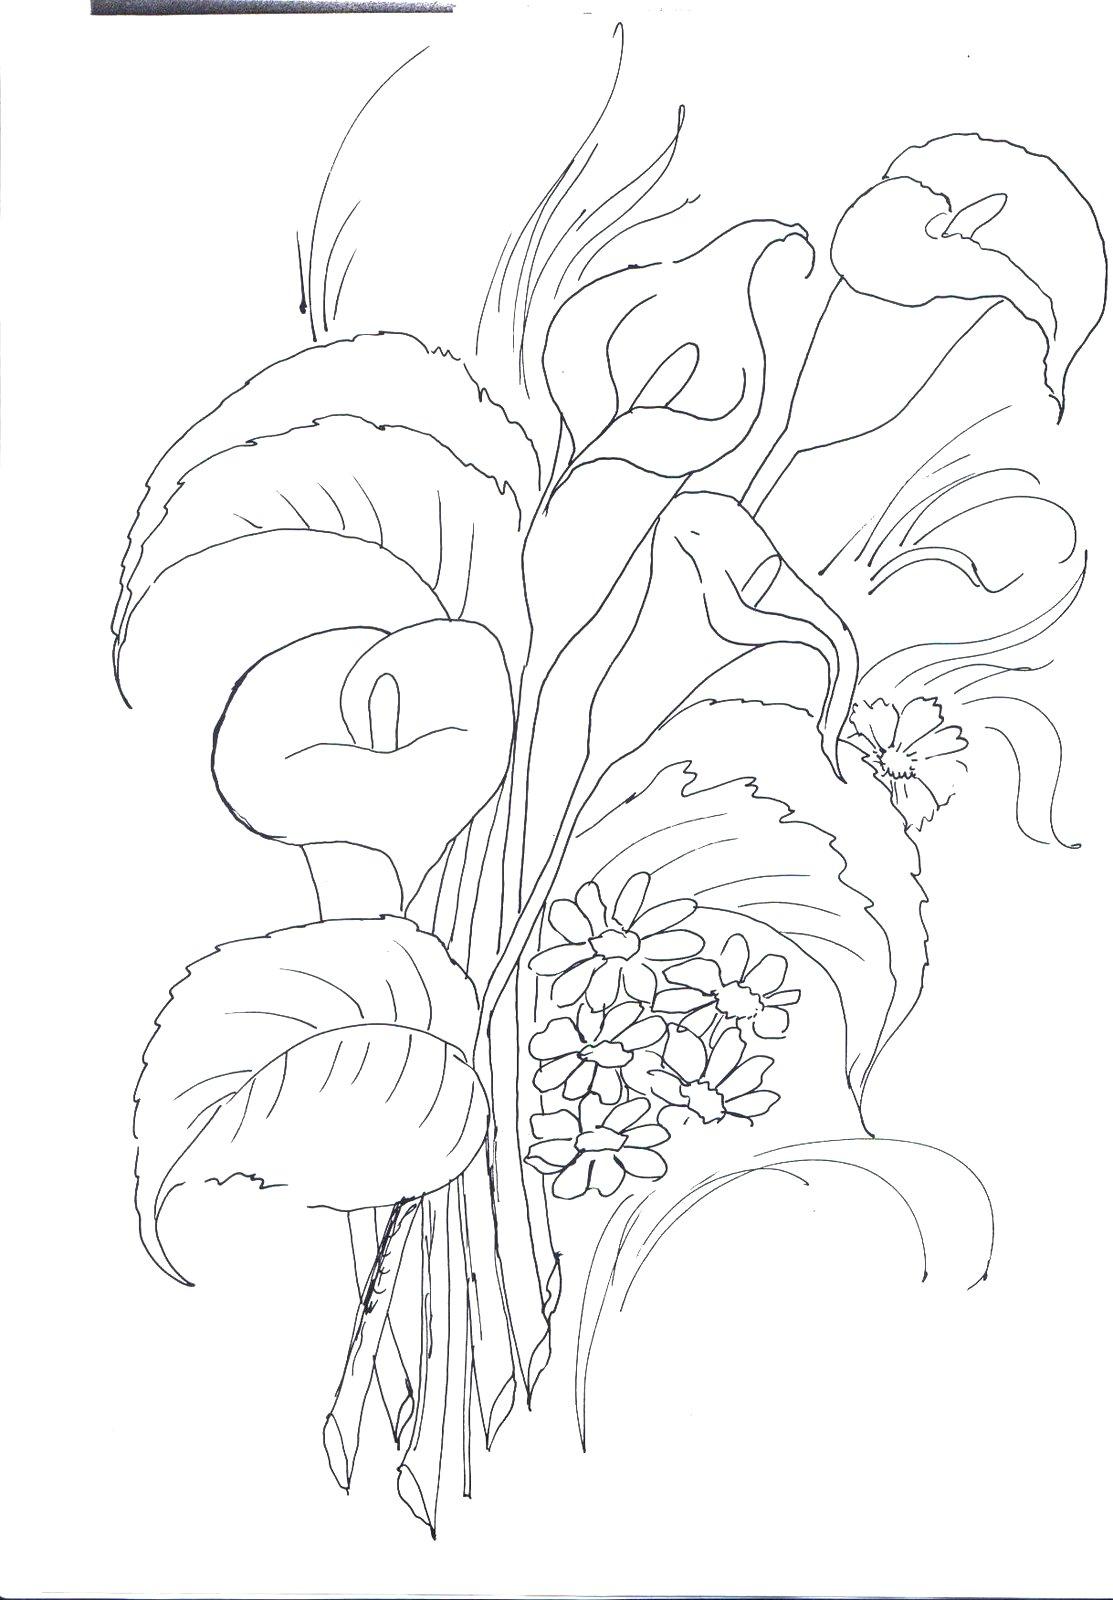 Ramo de flores para colorear - Dibujos para colorear - IMAGIXS